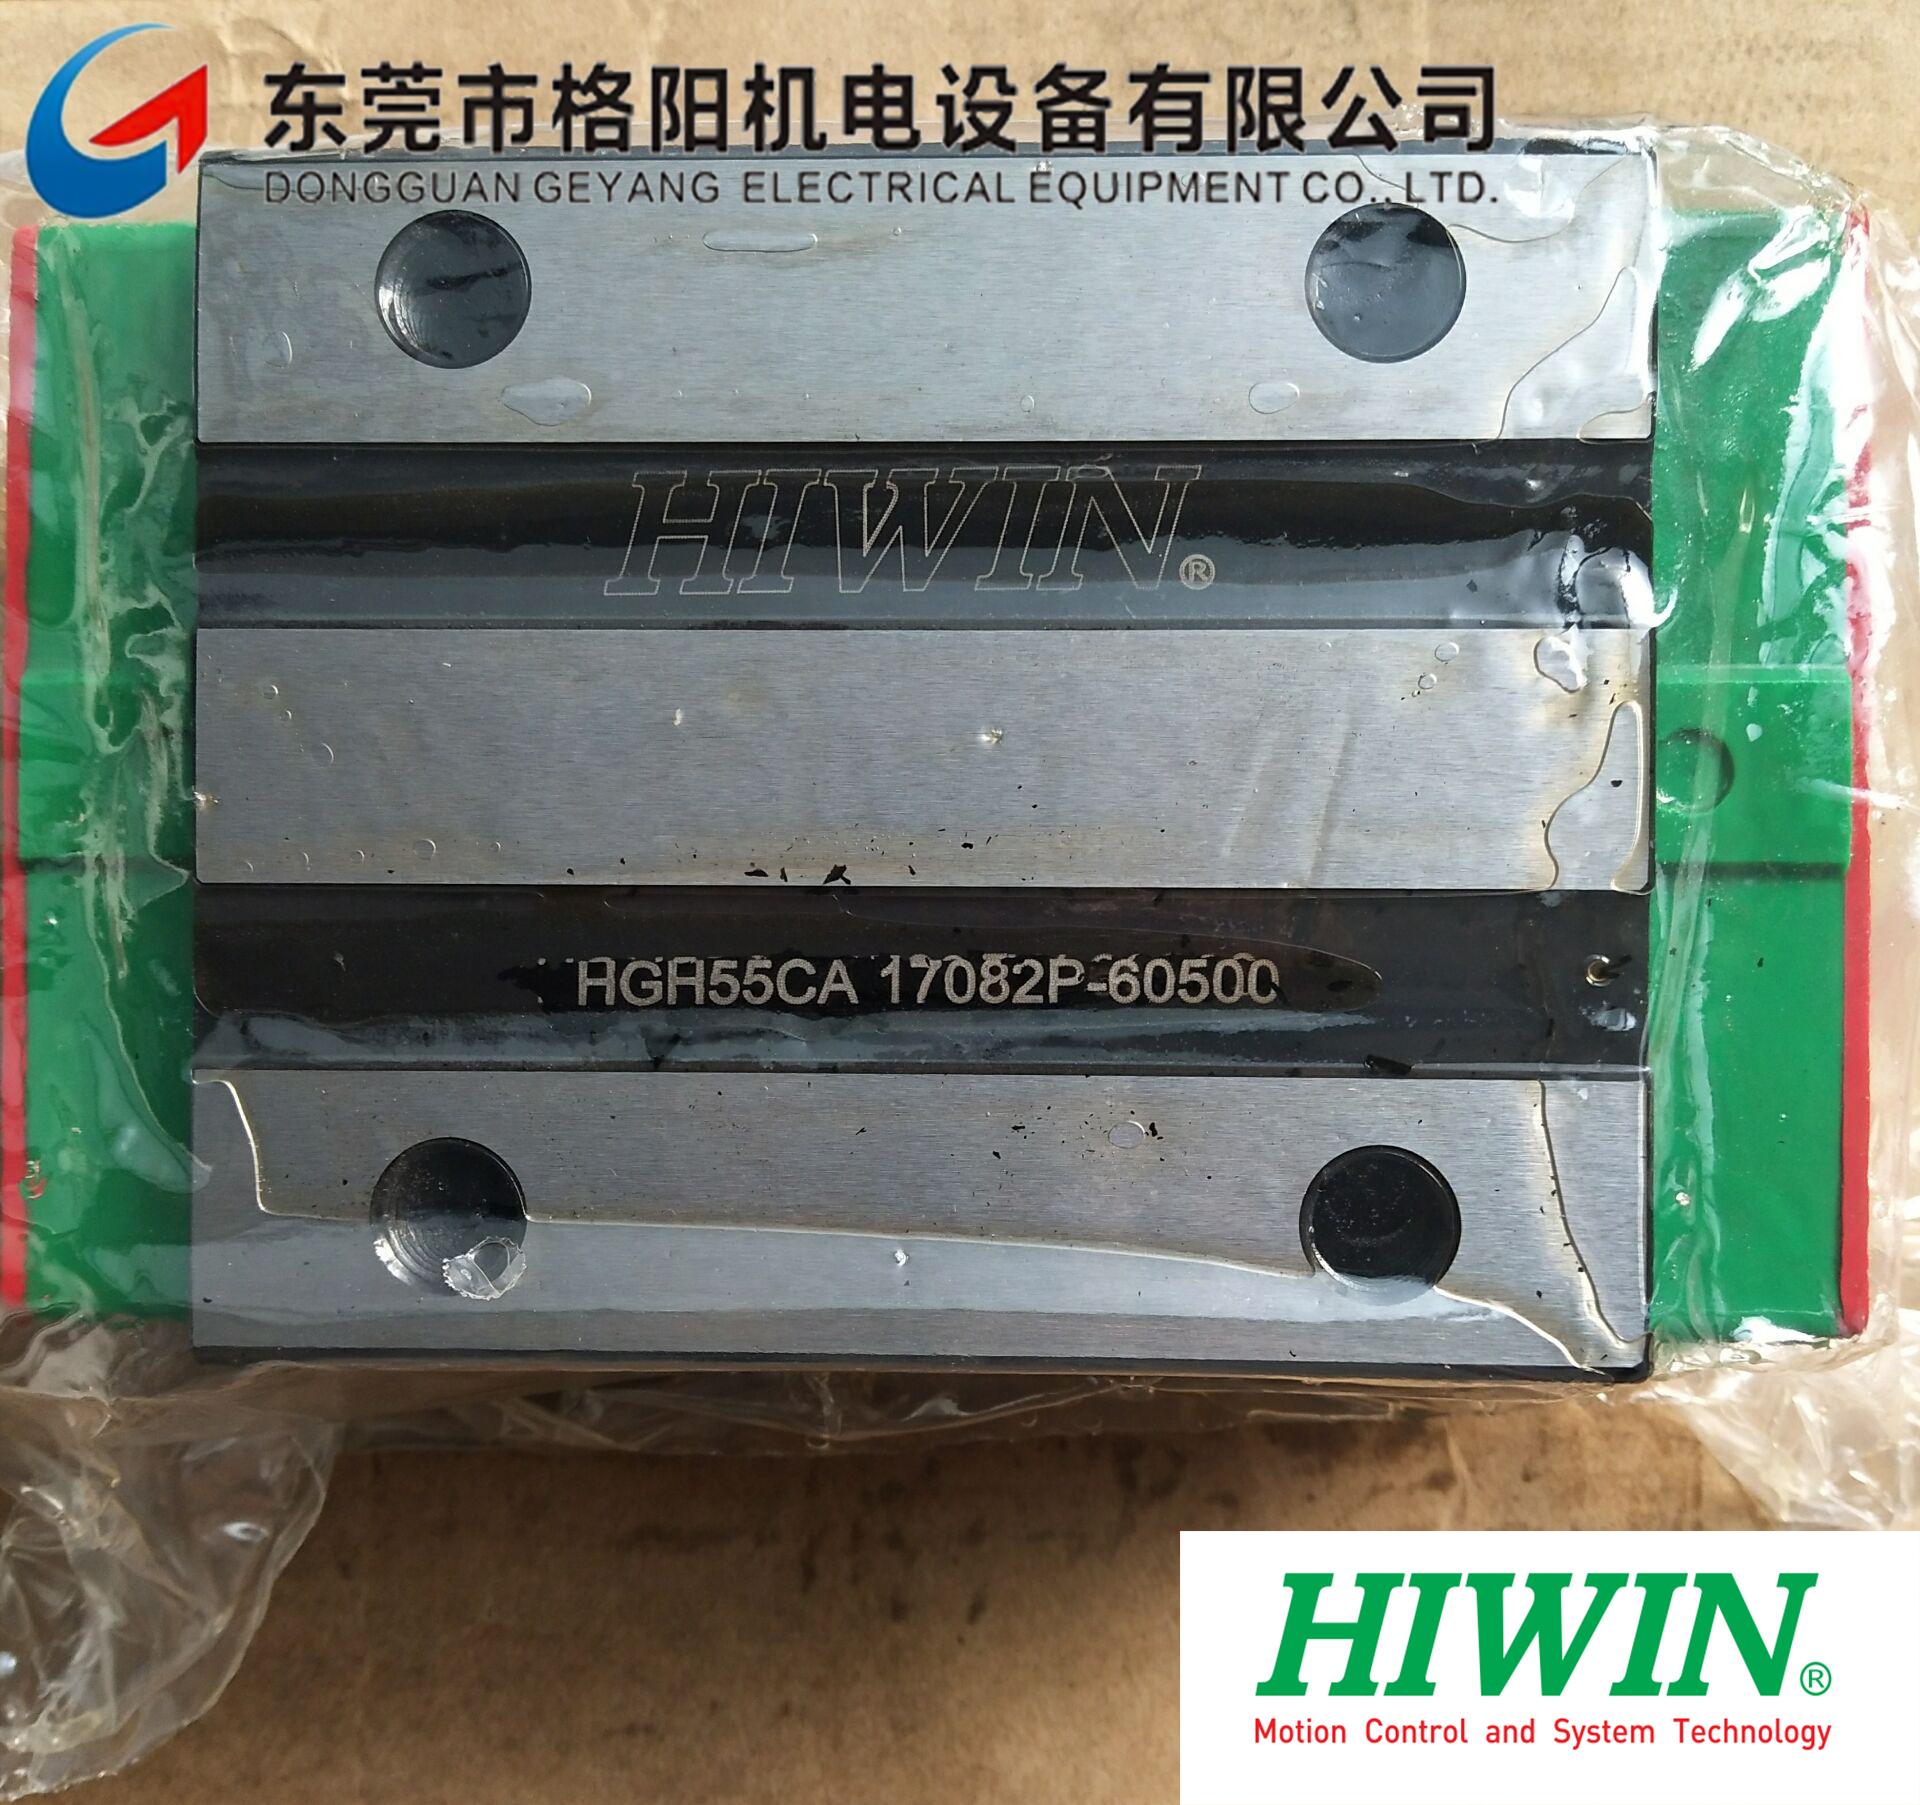 上银直线导轨HGH55CA 重负荷型滚珠线性导轨